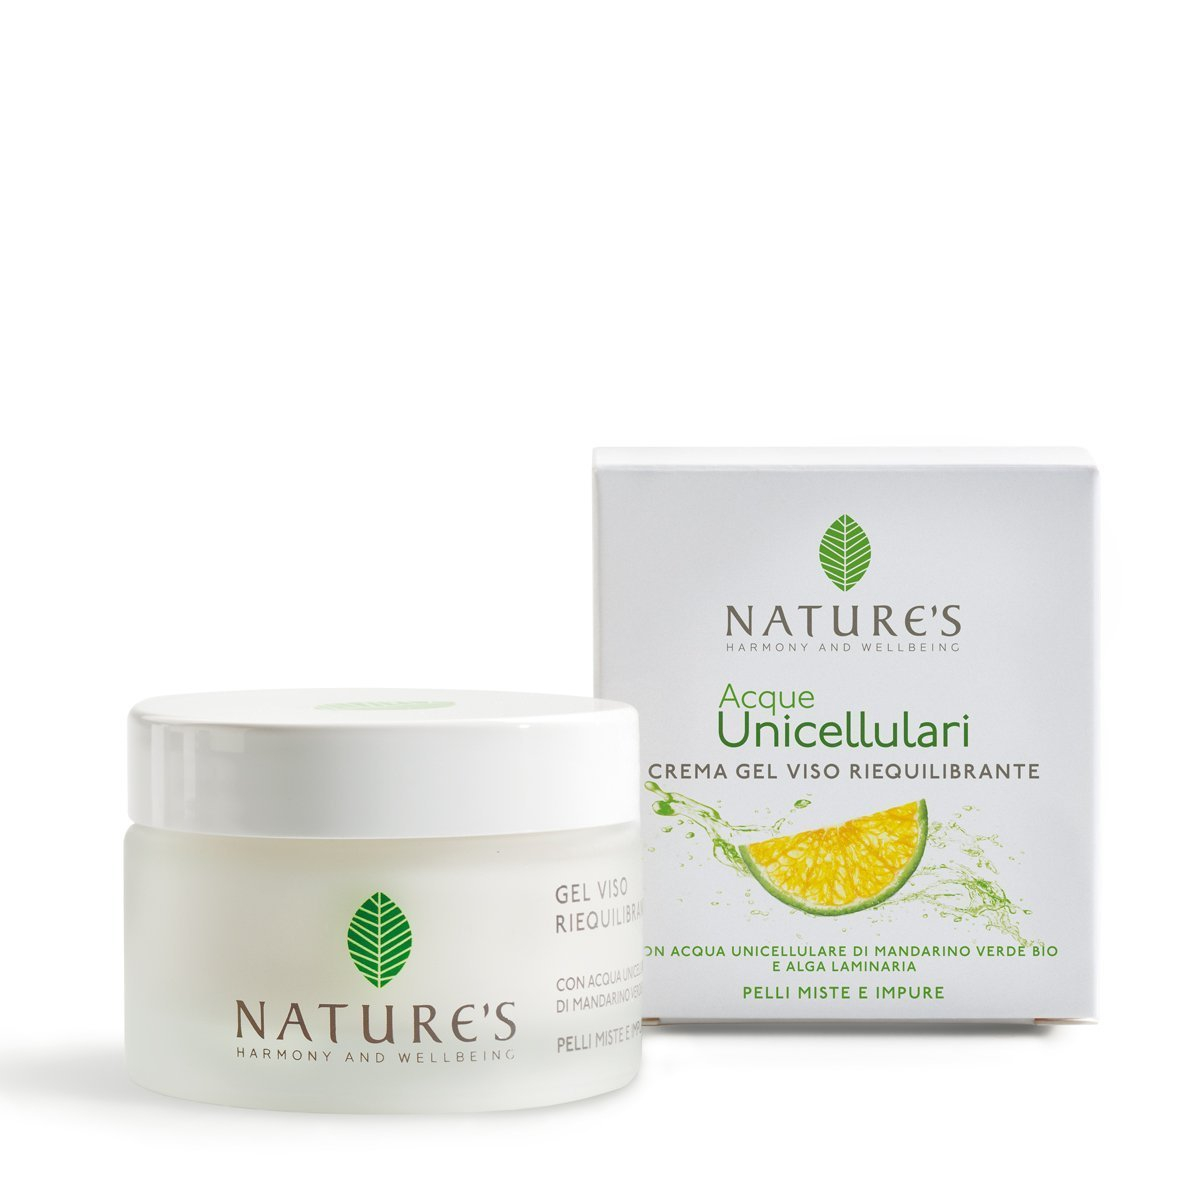 Crema Gel Viso Riequilibrante Acque Unicellulari 50 ml